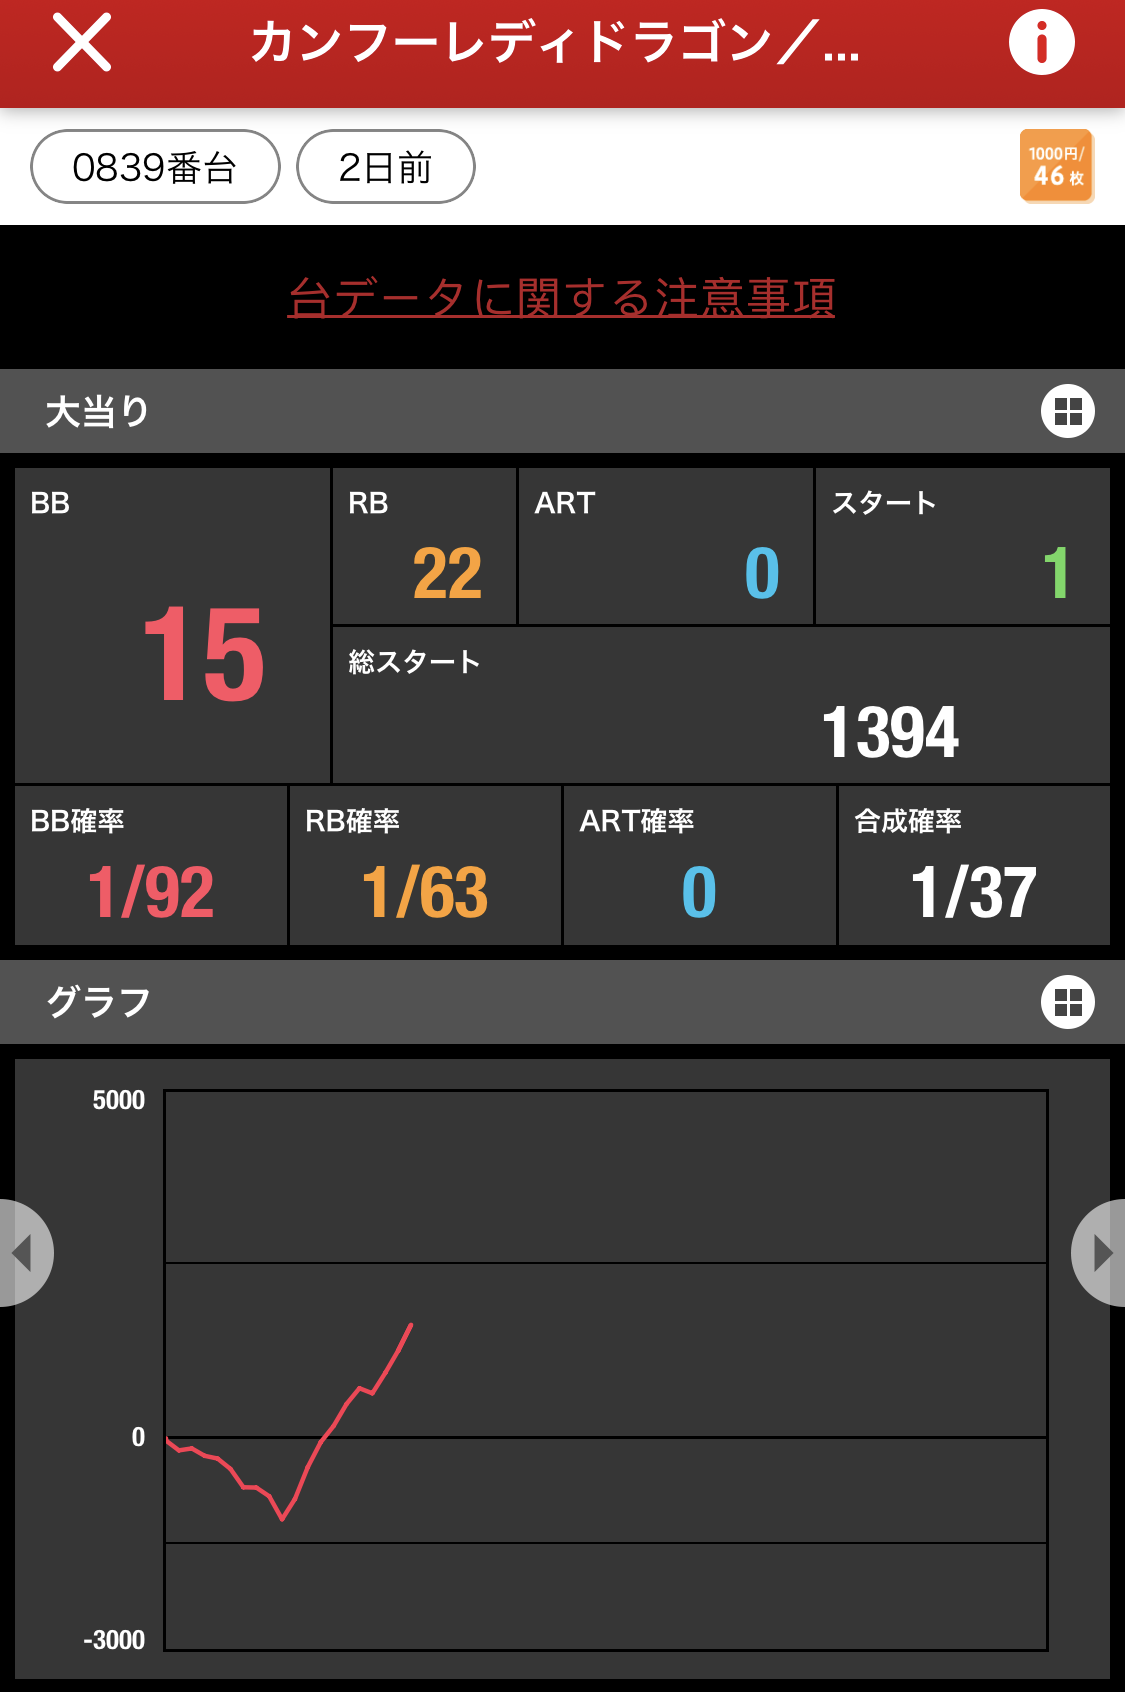 マルハン所沢出玉結果 10/13リニューアル